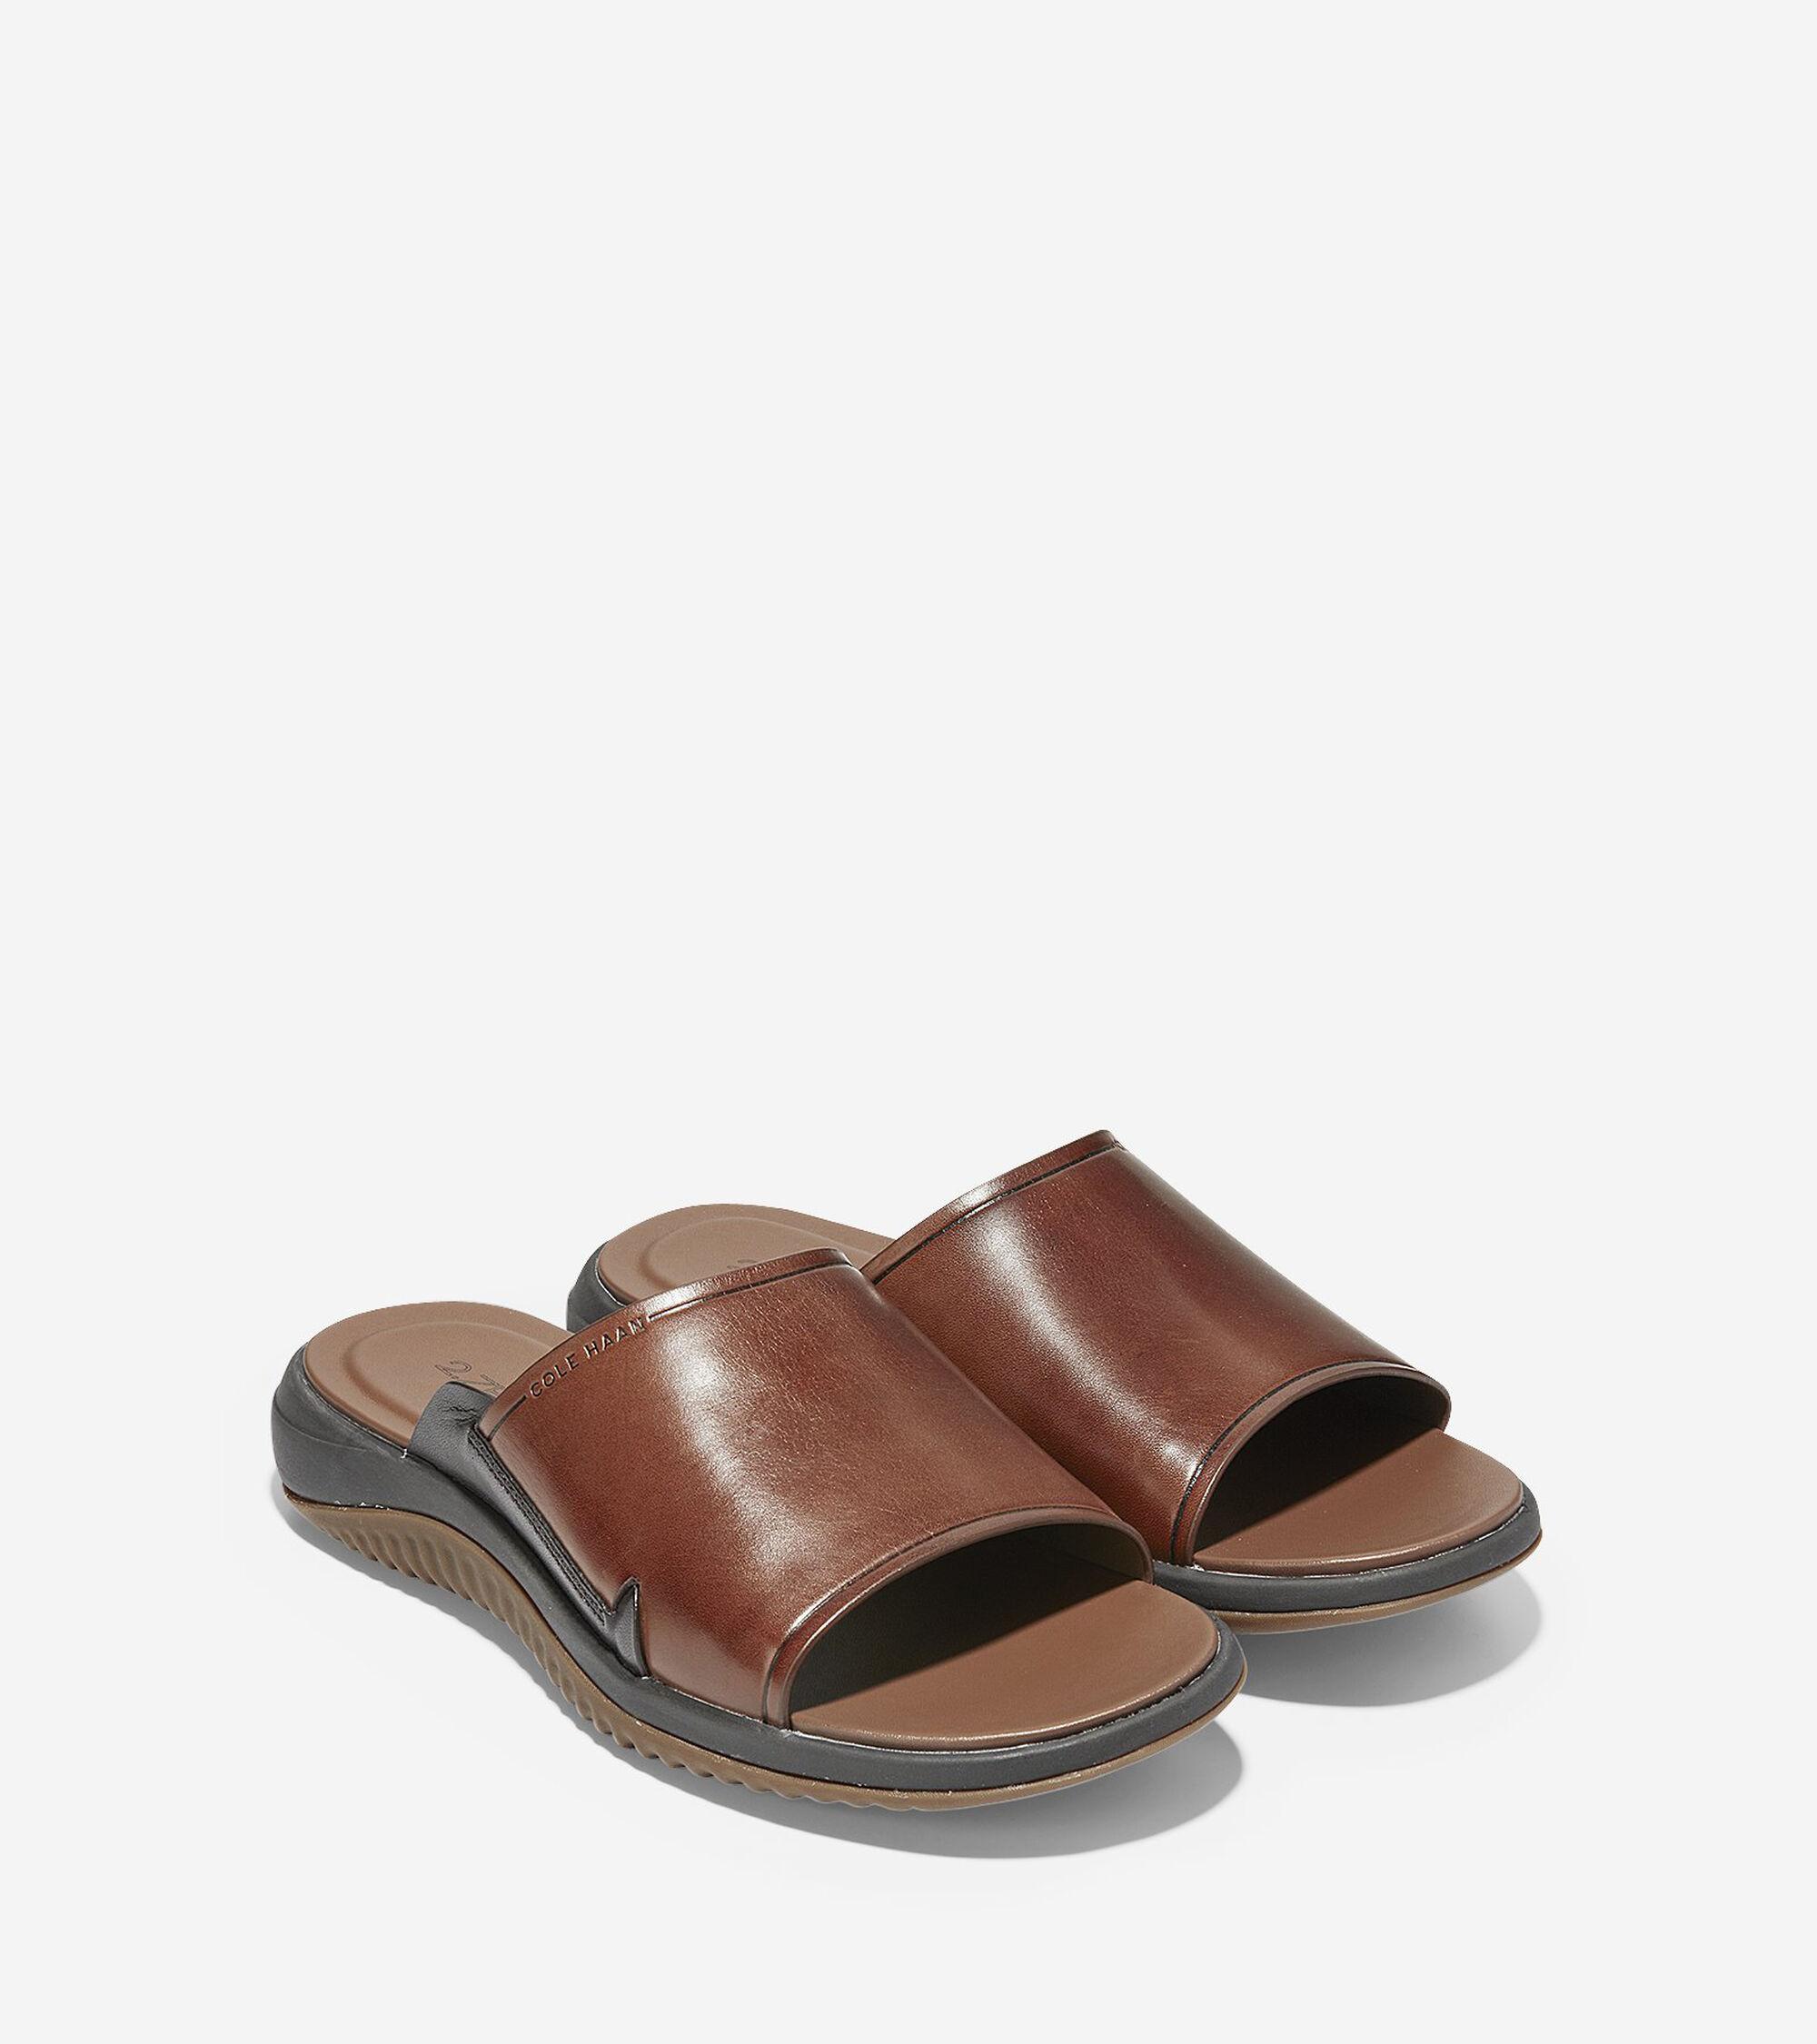 ebc1bb81b20e ZERØGRAND Slide Sandal  Men s 2.ZERØGRAND Slide Sandal  Men s 2.ZERØGRAND Slide  Sandal.  COLEHAAN